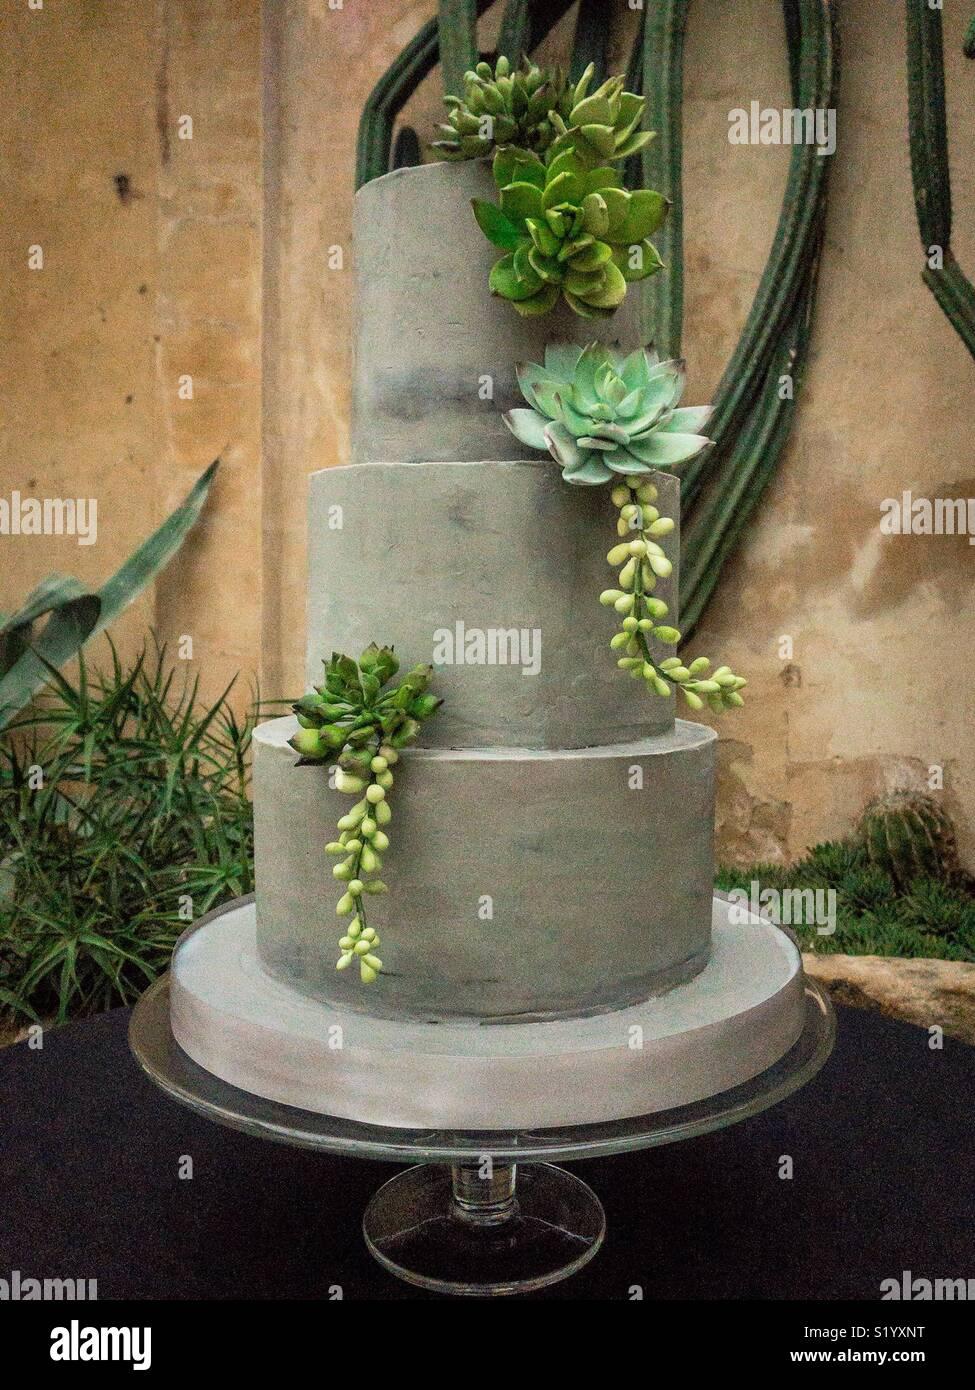 Brutalist 3 Tier Hochzeitstorte mit Zucker saftige Dekorationen Stockbild